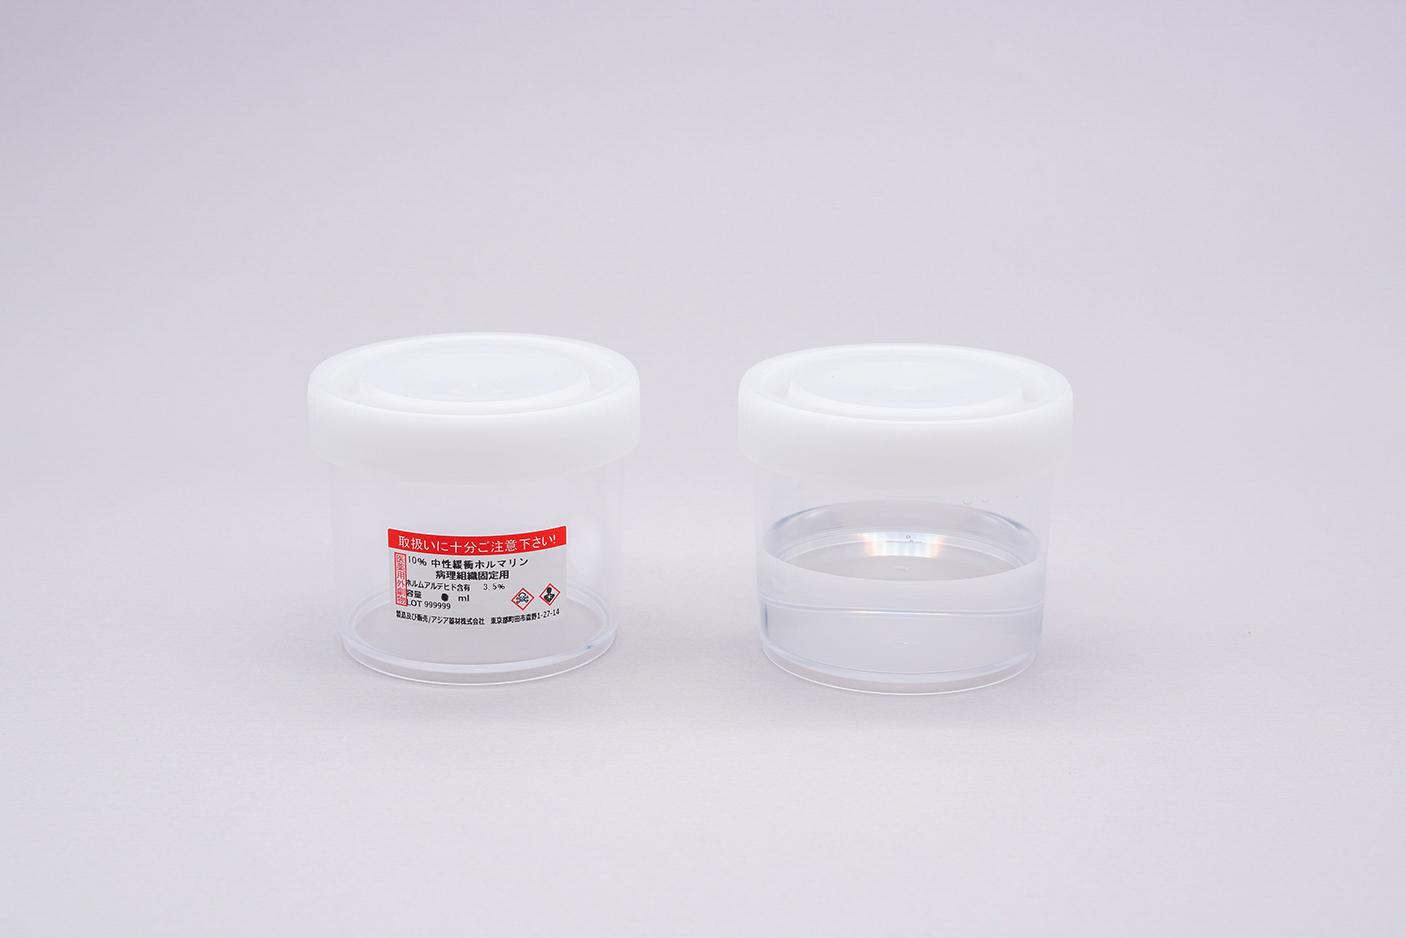 ホルマリン 分注済み 中性緩衝ホルマリン 固定用